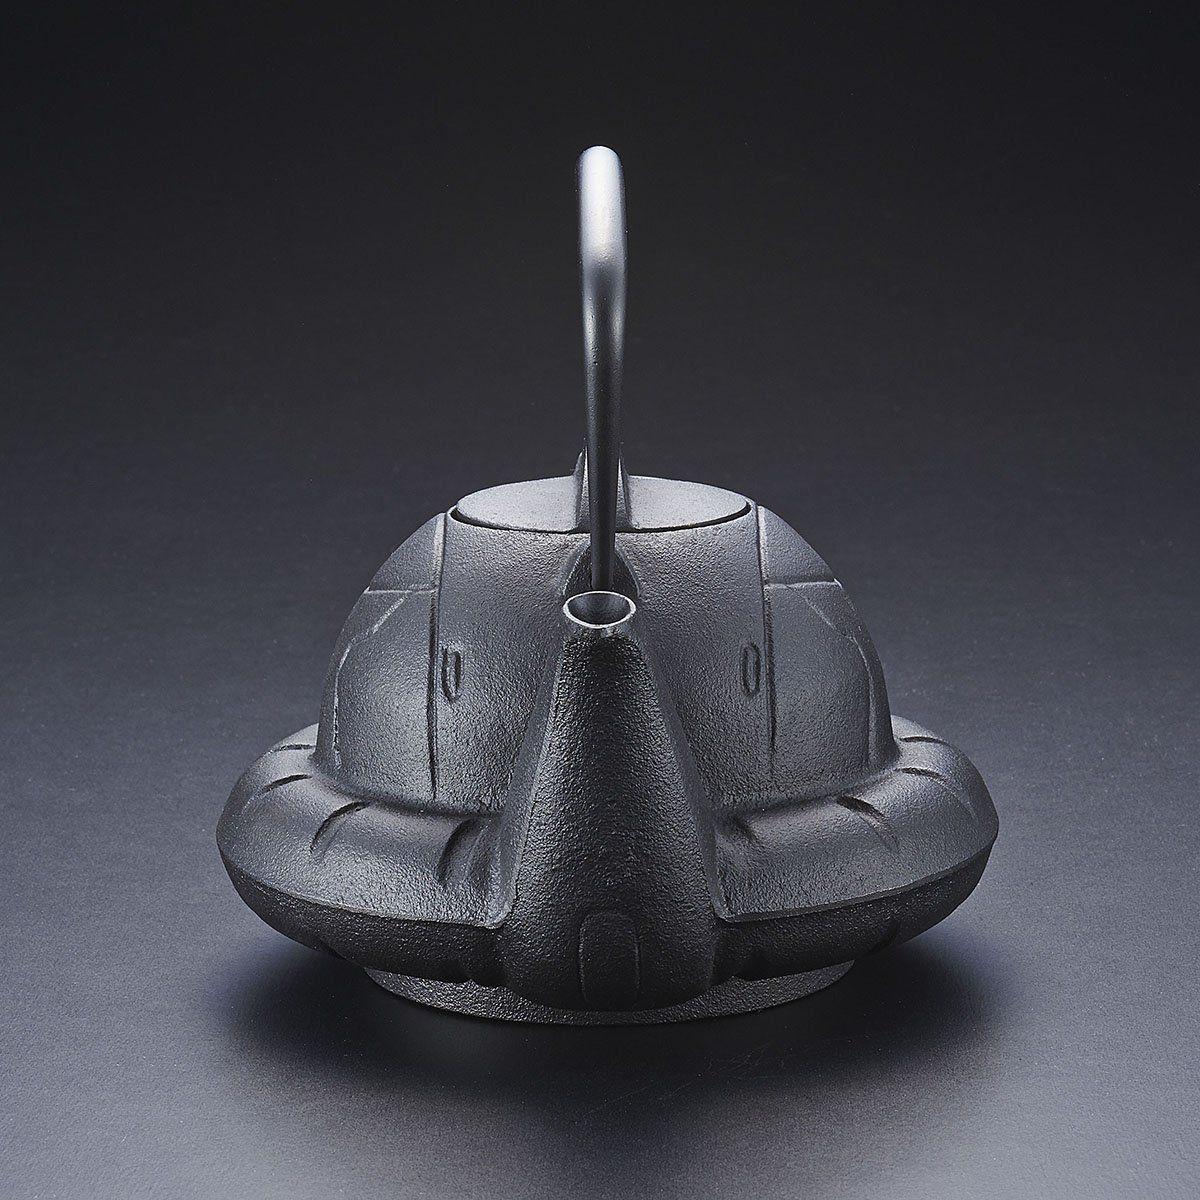 ガンダムカフェ『南部鉄器 鉄瓶 ZAKU』-006